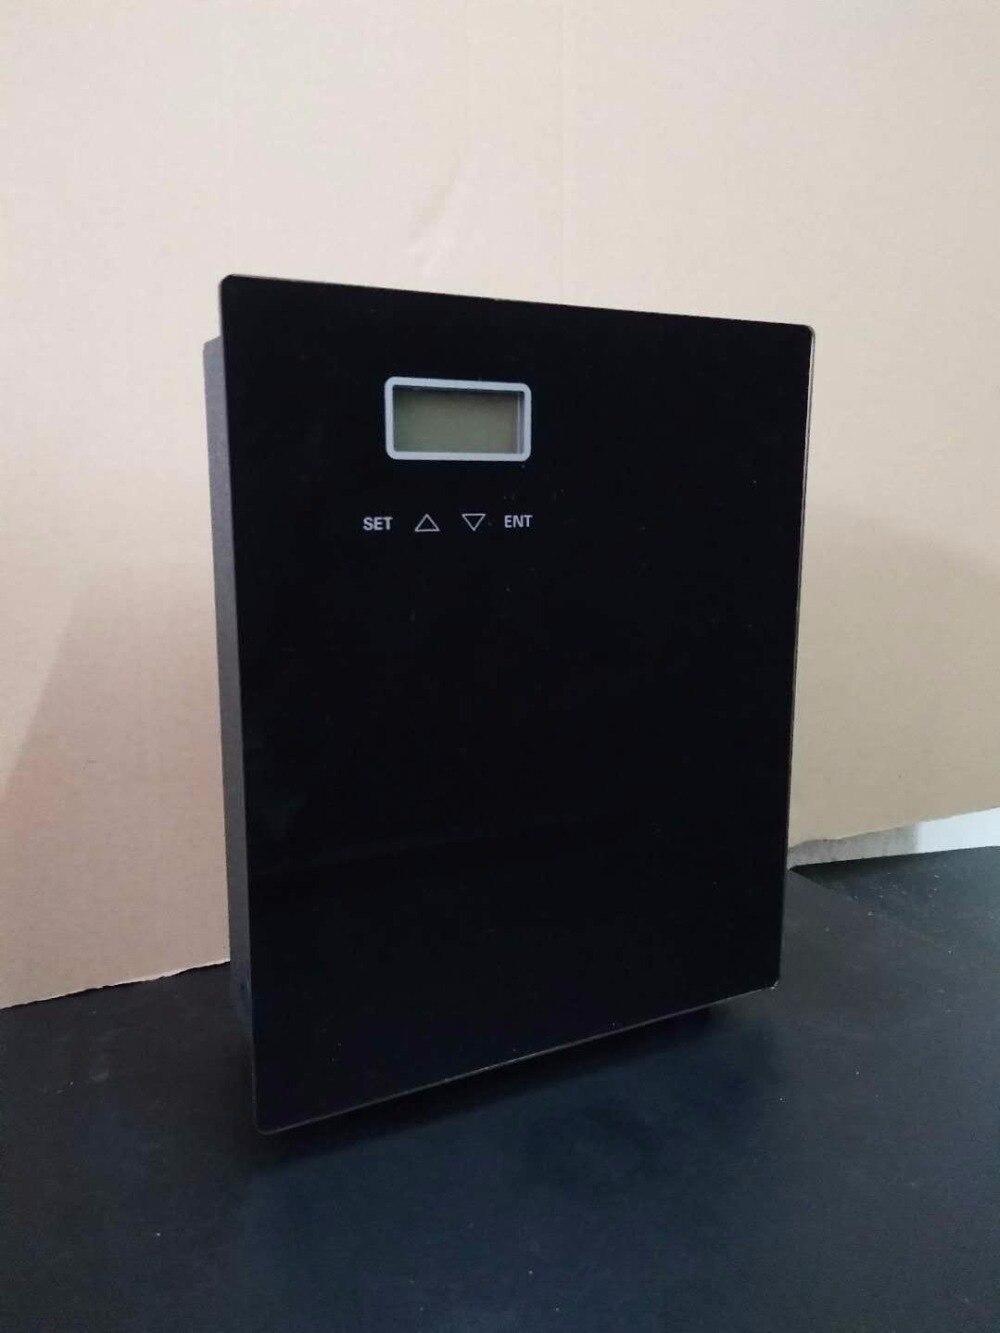 300cbm essential oil diffuser for hotel home scent air humidifiers hvac scent diffuser machine amazon hotsale